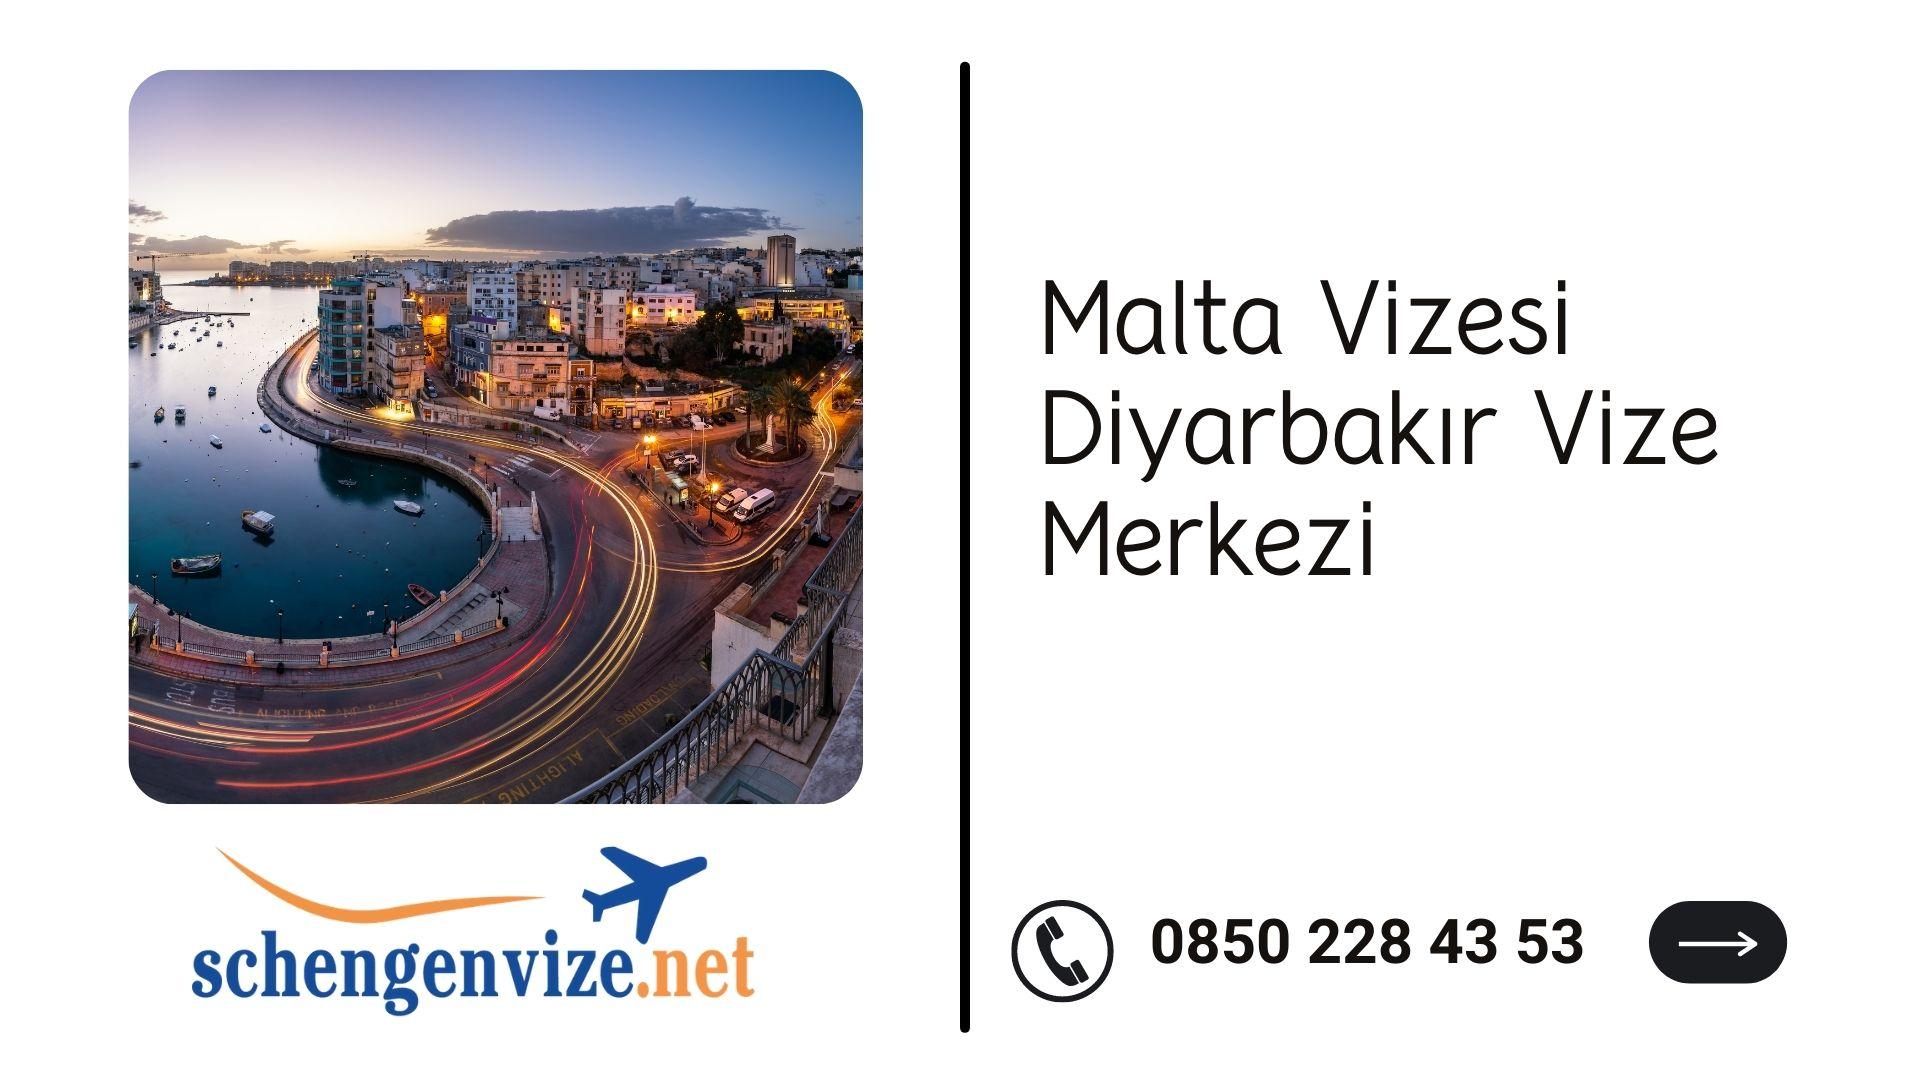 Malta Vizesi Diyarbakır Vize Merkezi